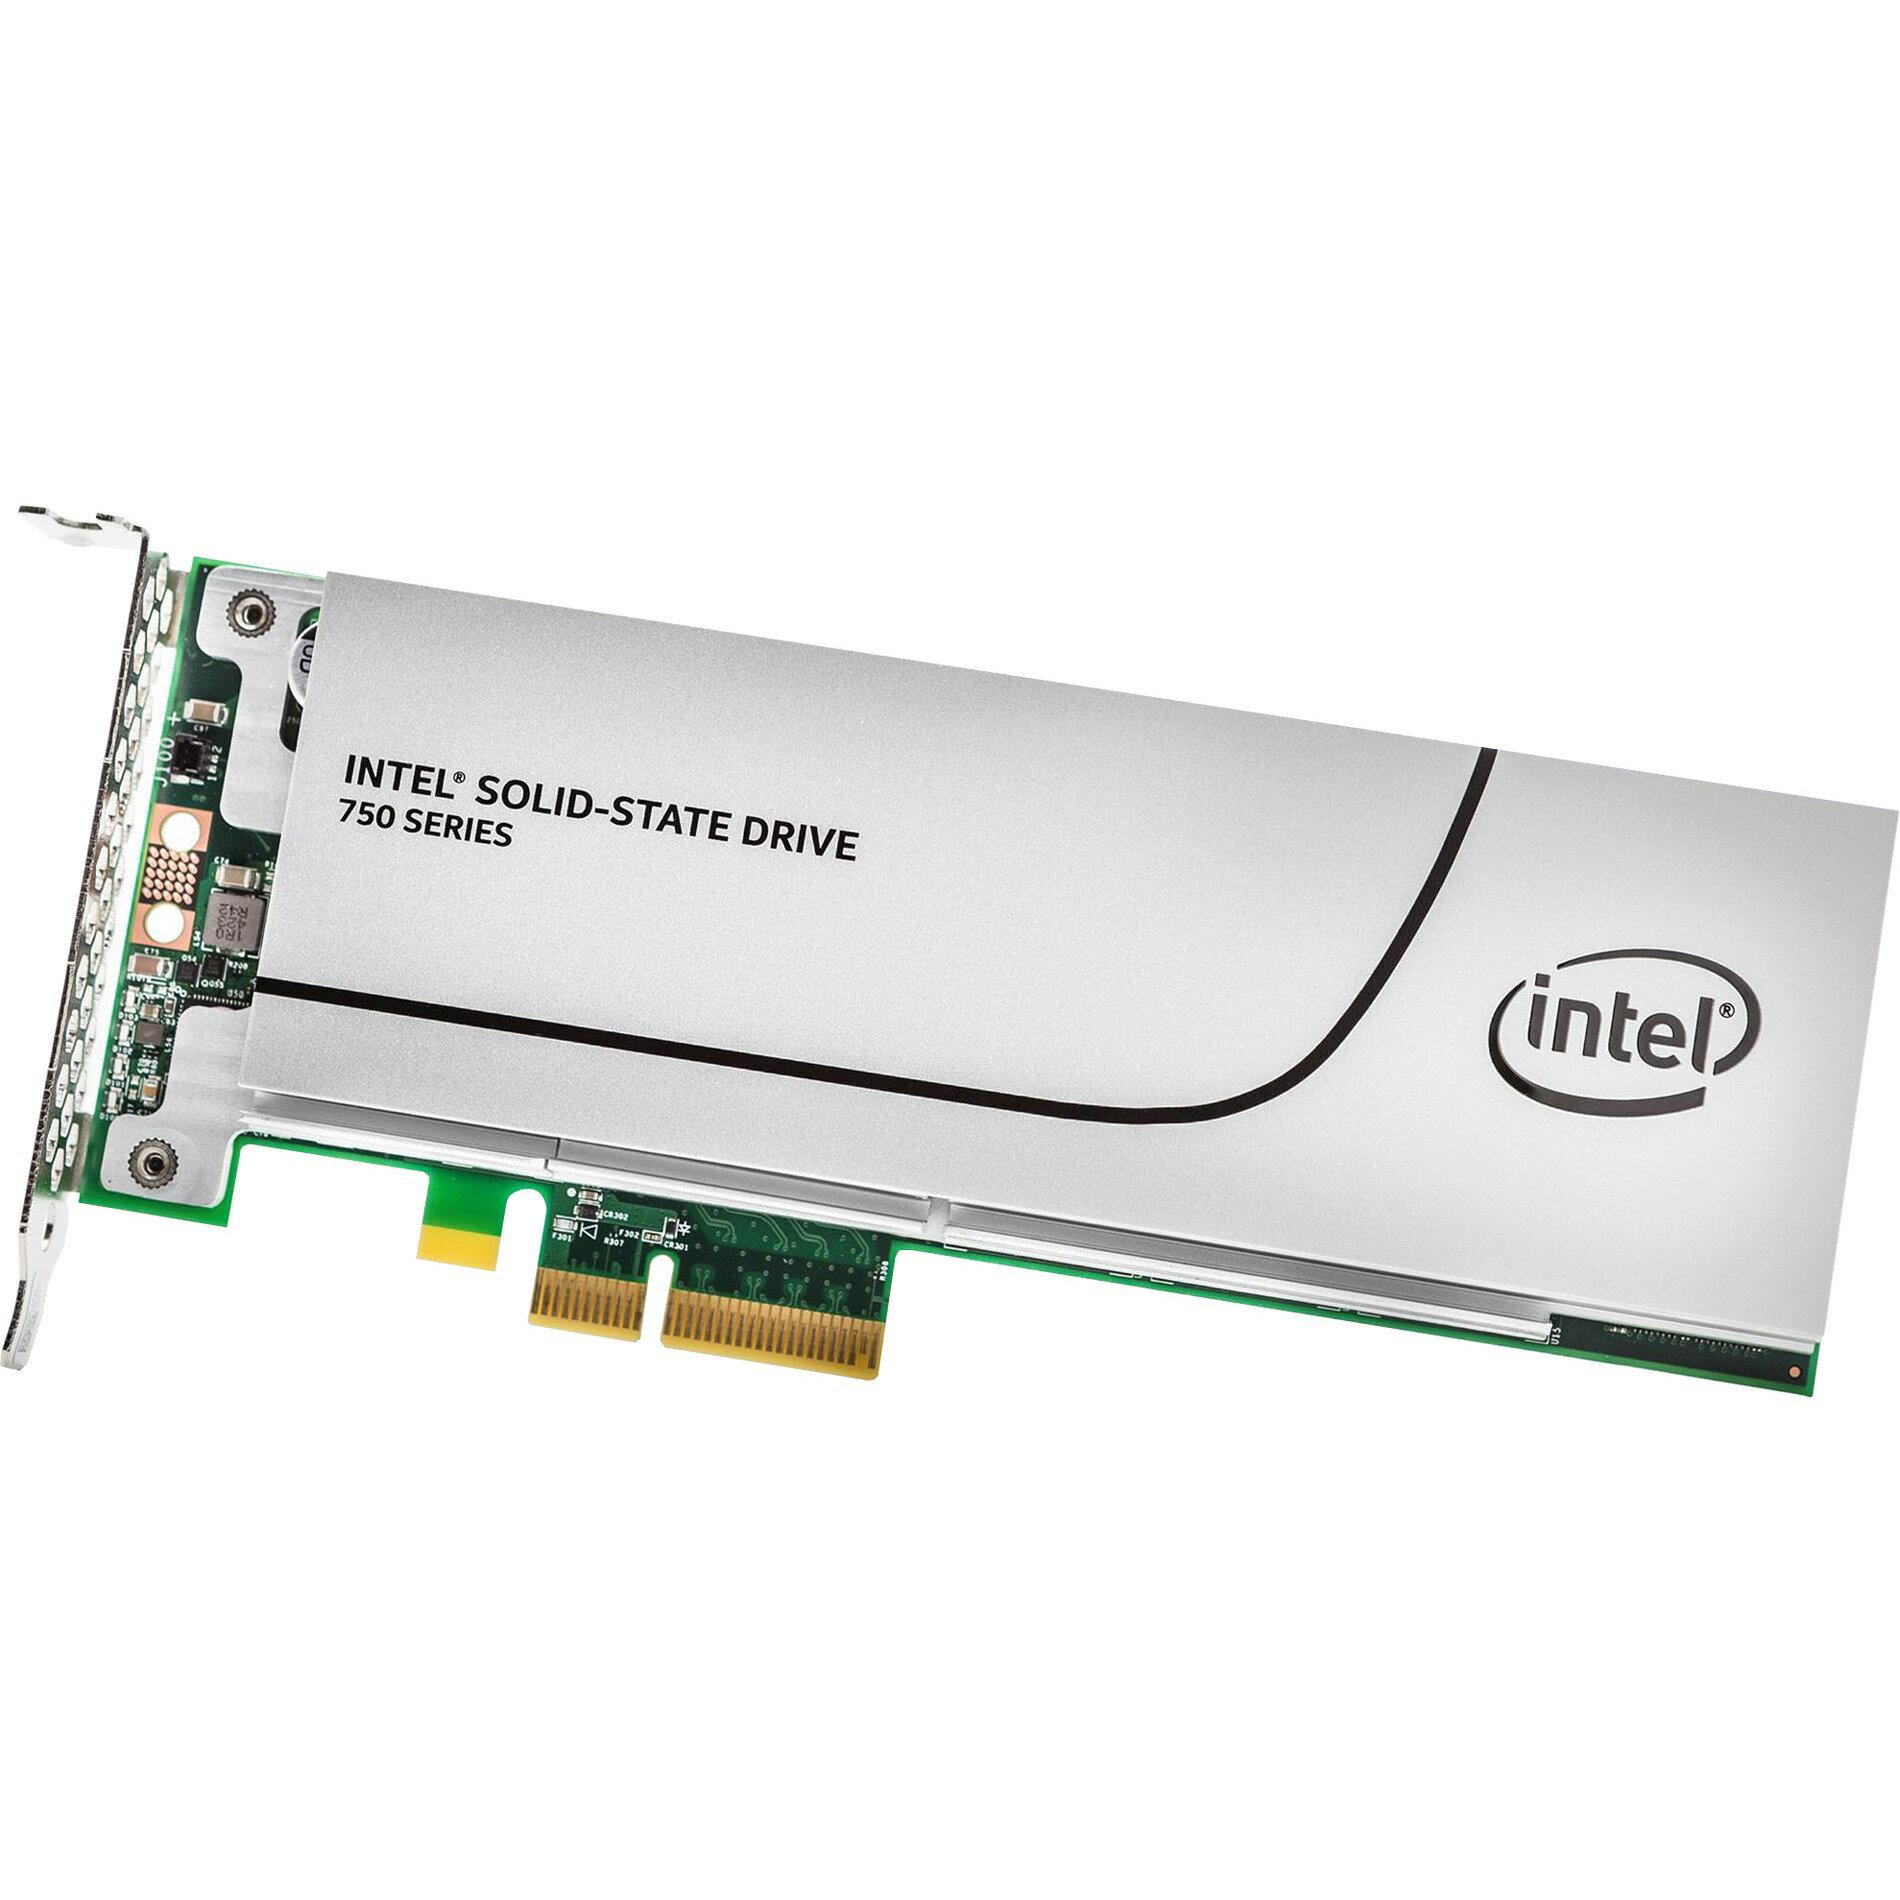 Intel SSD 750 Series 800GB AIC 800G PCIe Gen3 x4 PCI-Express 3.0 x4 MLC HHHL (CEM2.0) Internal Solid State Drive SSDPEDMW800G4X1 0